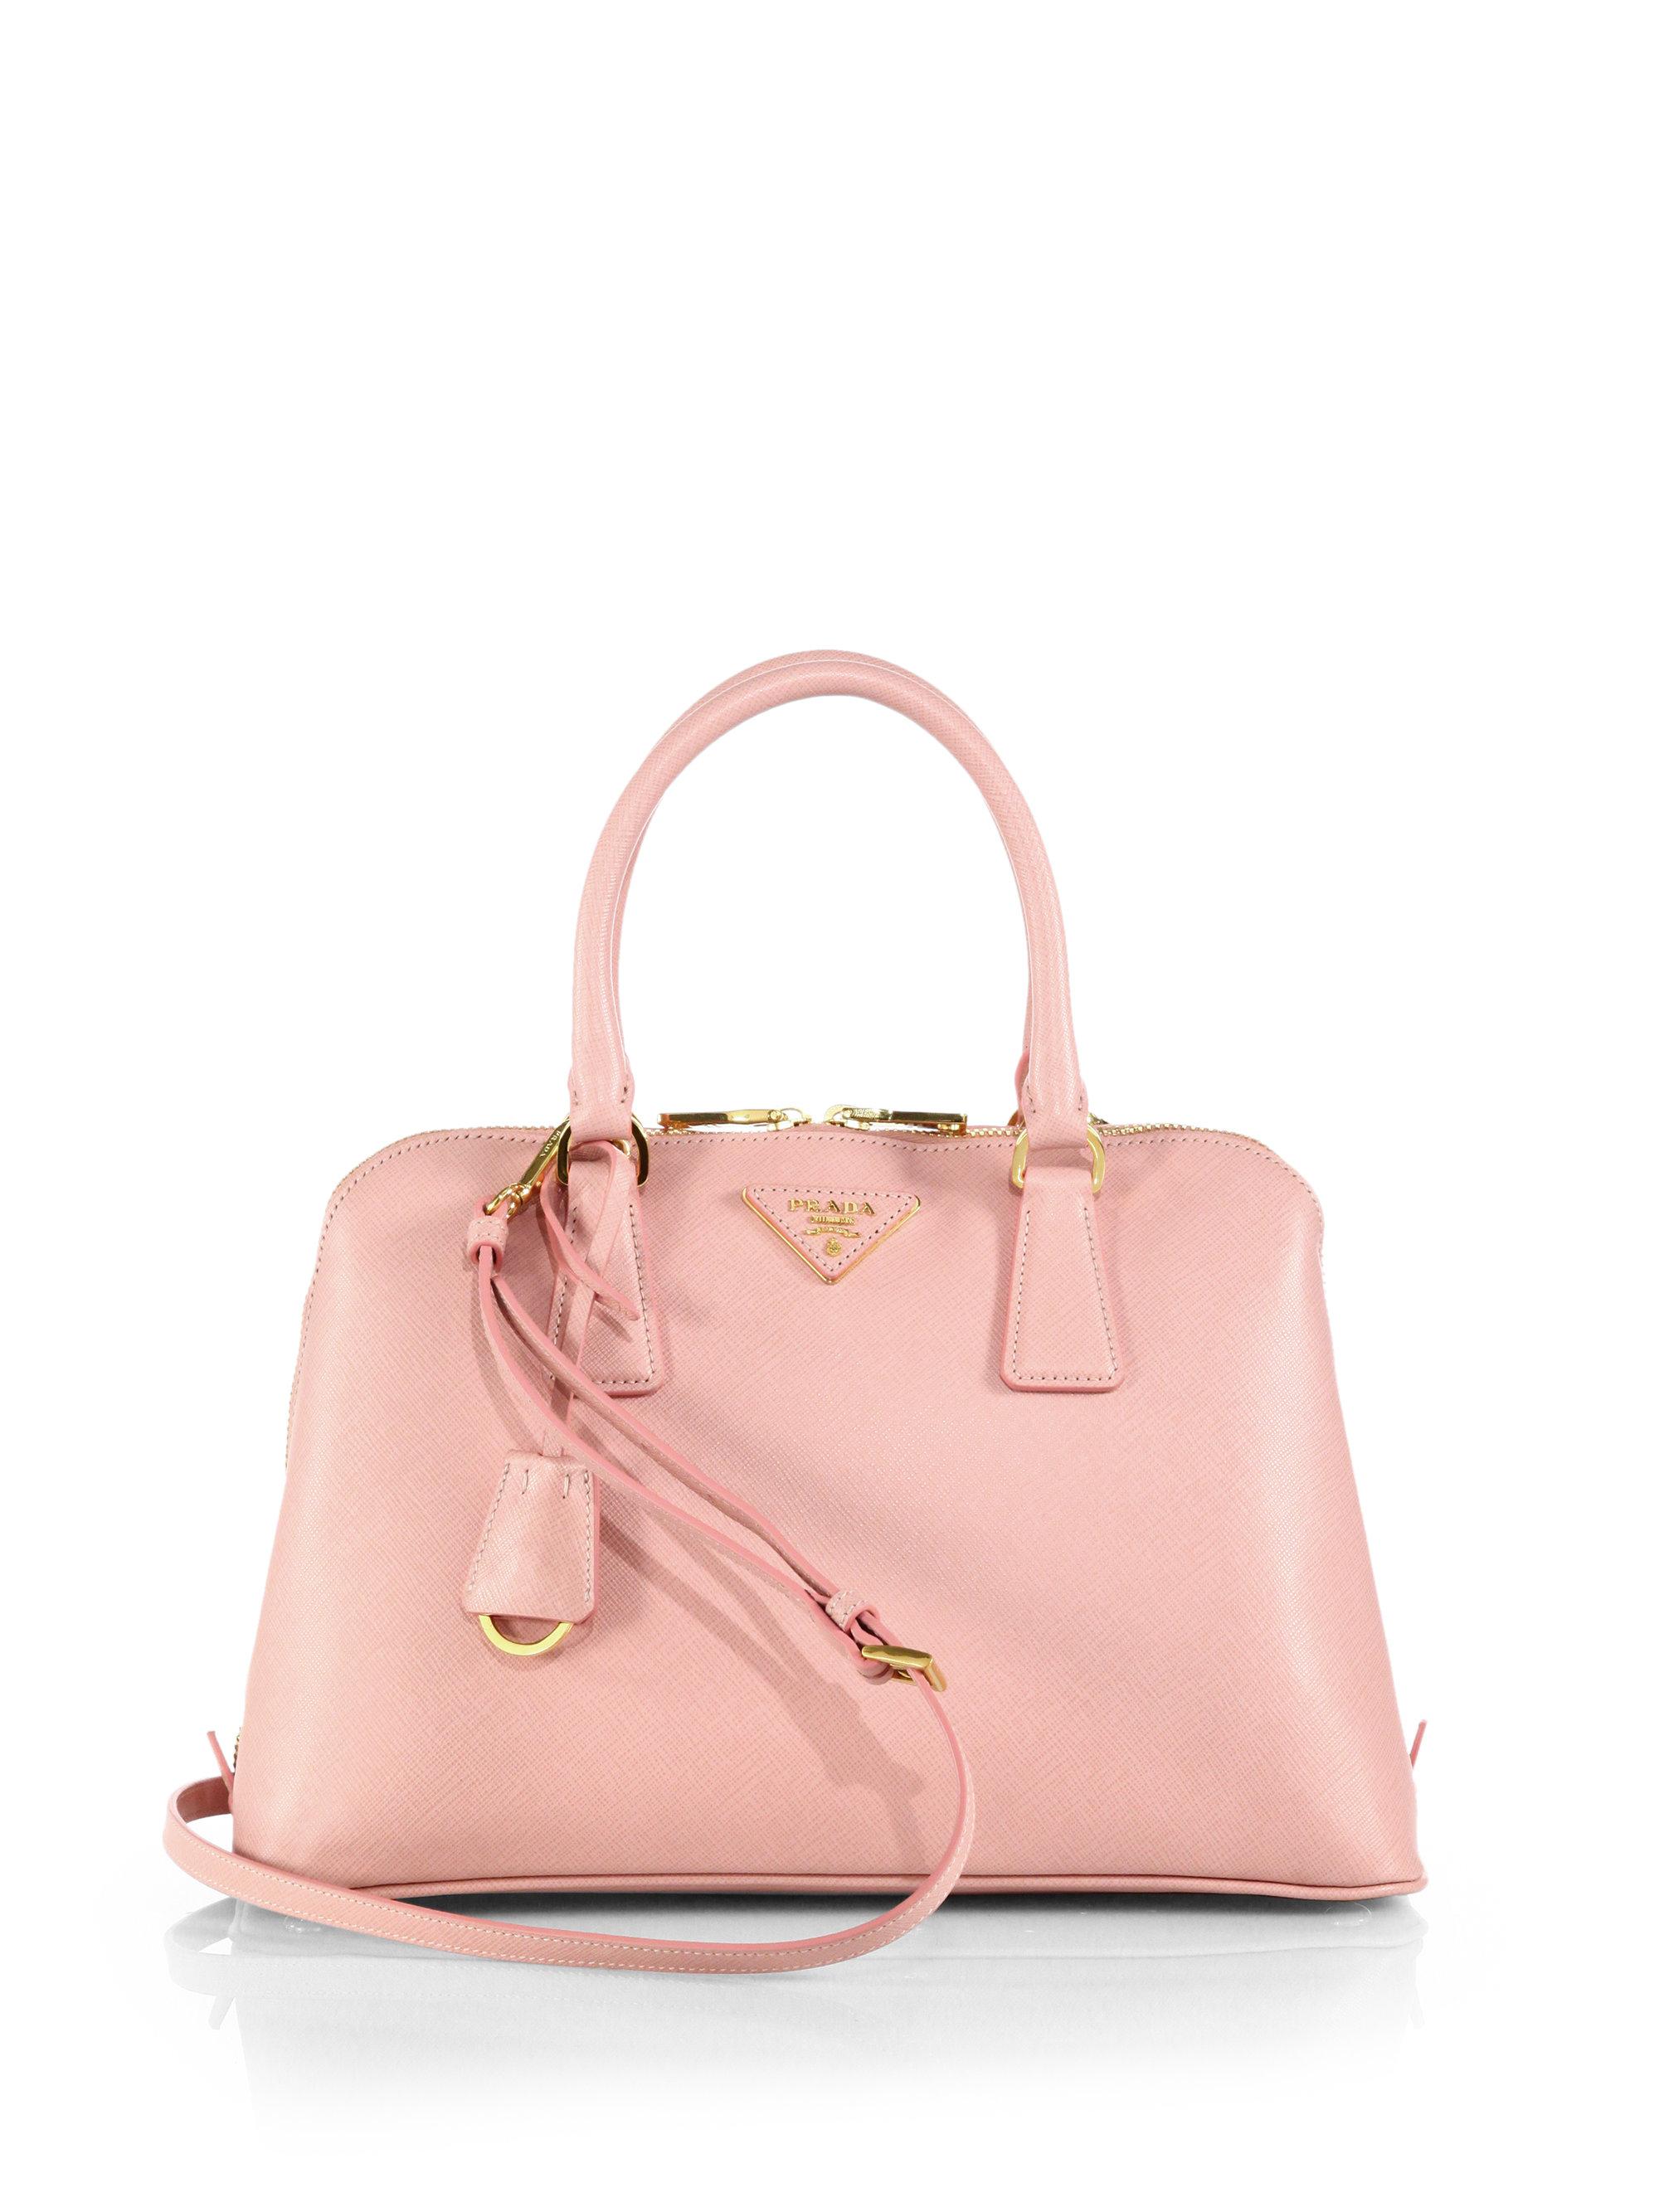 e7c3967ecaff Lyst - Prada Saffiano Lux Small Promenade in Pink